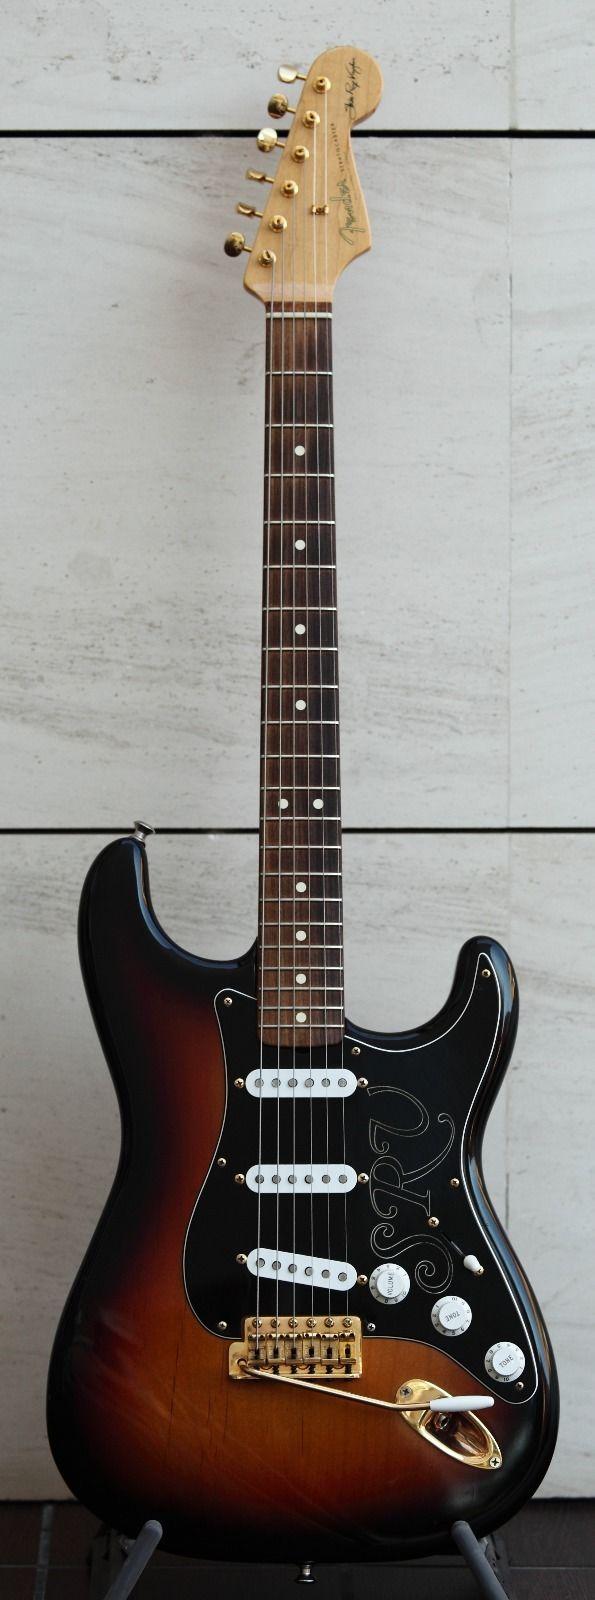 fender stratocaster srv 2002 sunburst guitar for sale. Black Bedroom Furniture Sets. Home Design Ideas